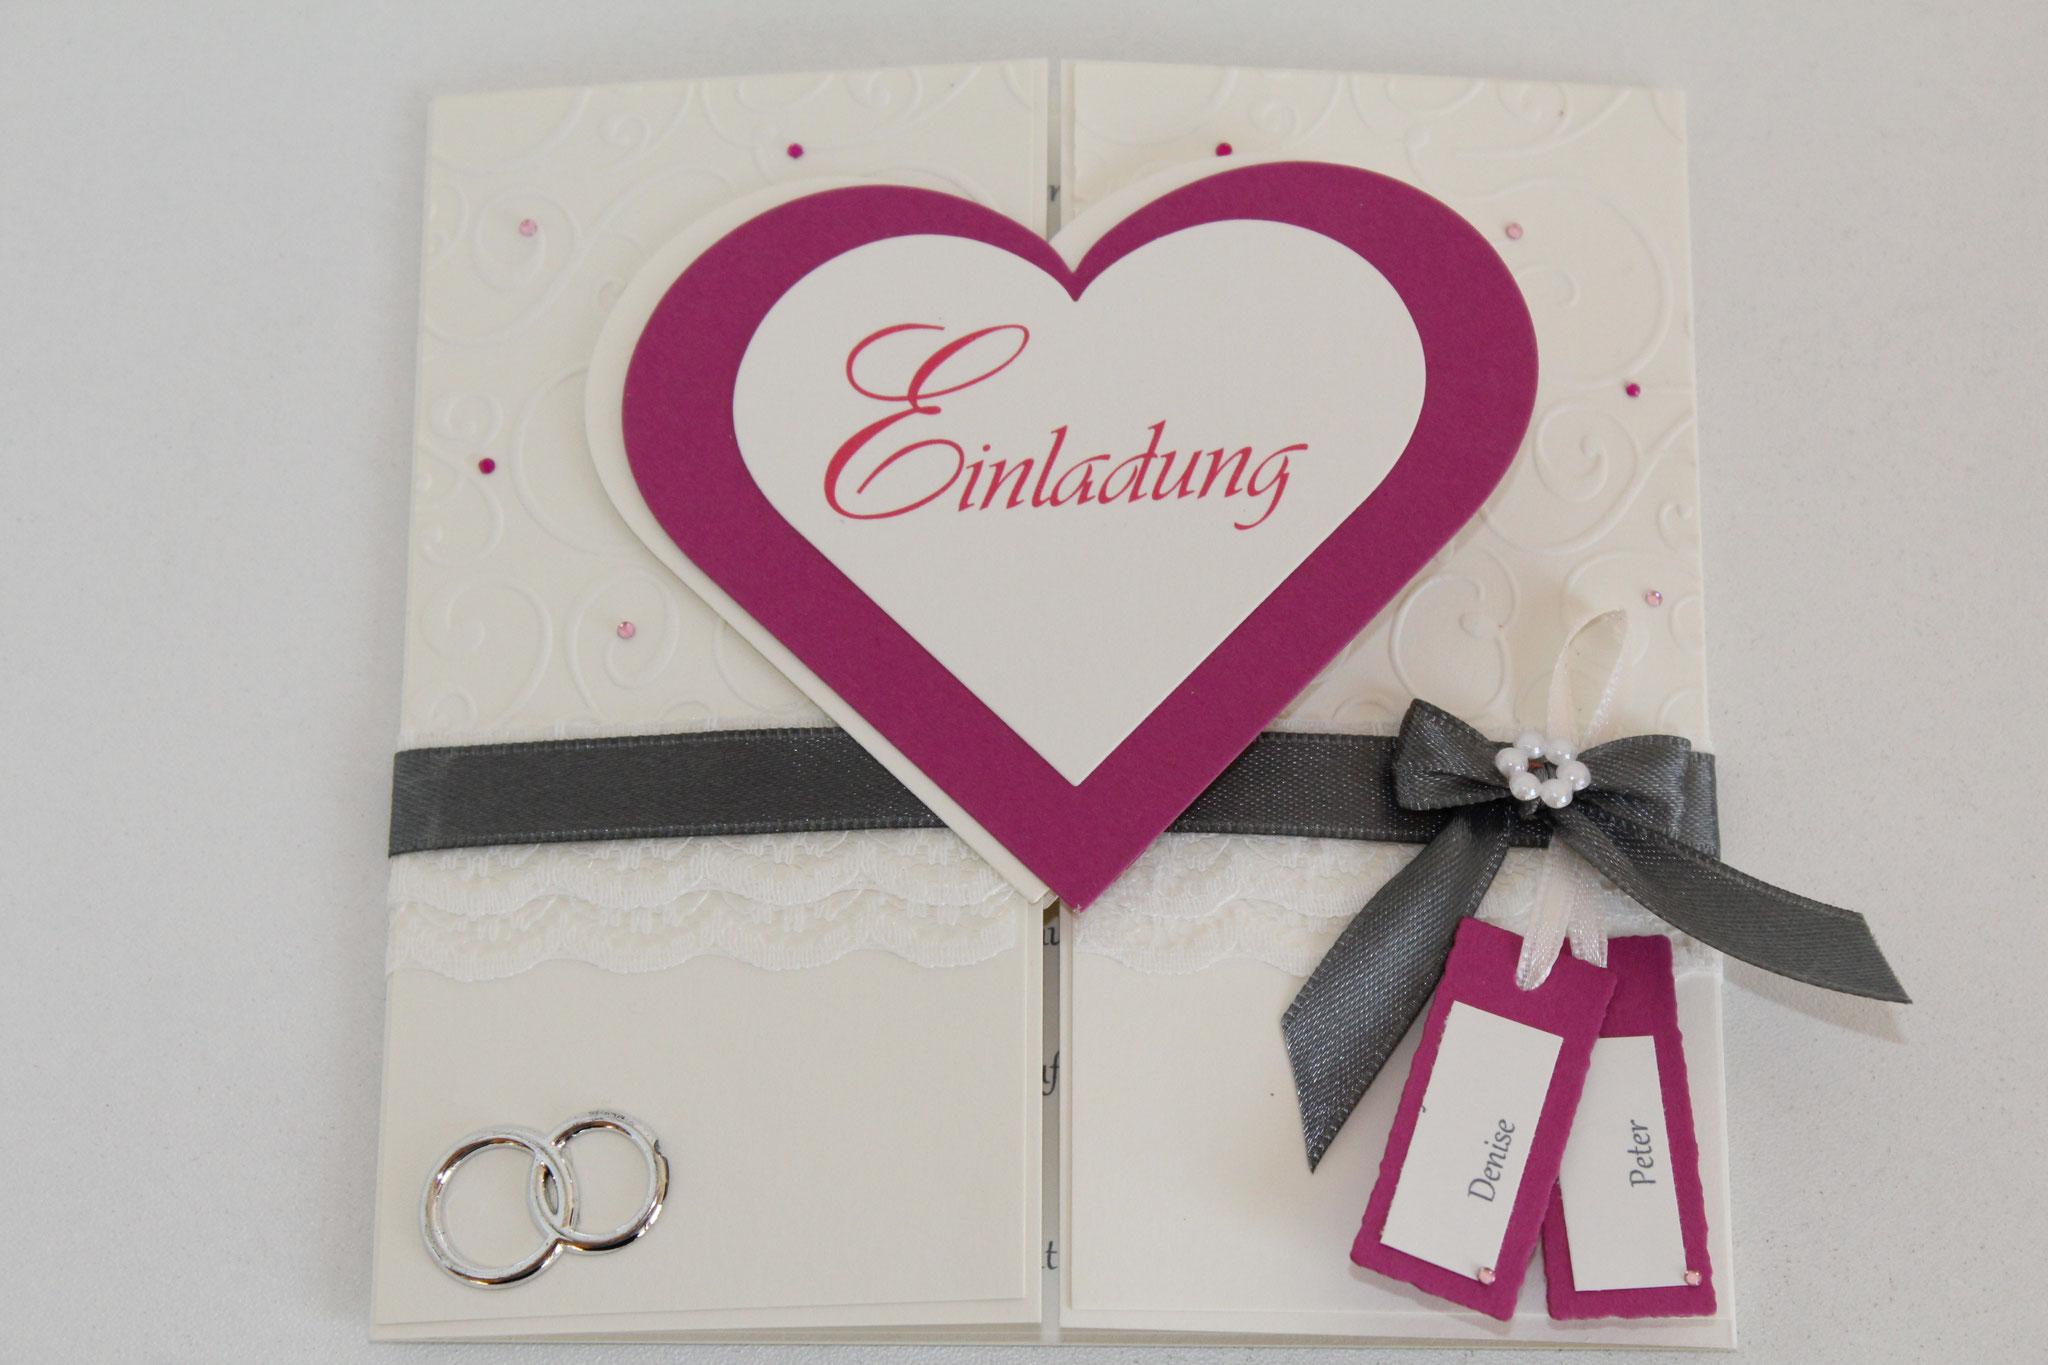 EH1  mittig zum aufklappen. Auf Wunsch kann ein Foto auf die Herzinnenseite eingearbeitet werden. Anhänger mit den Vornamen des Brautpaares.